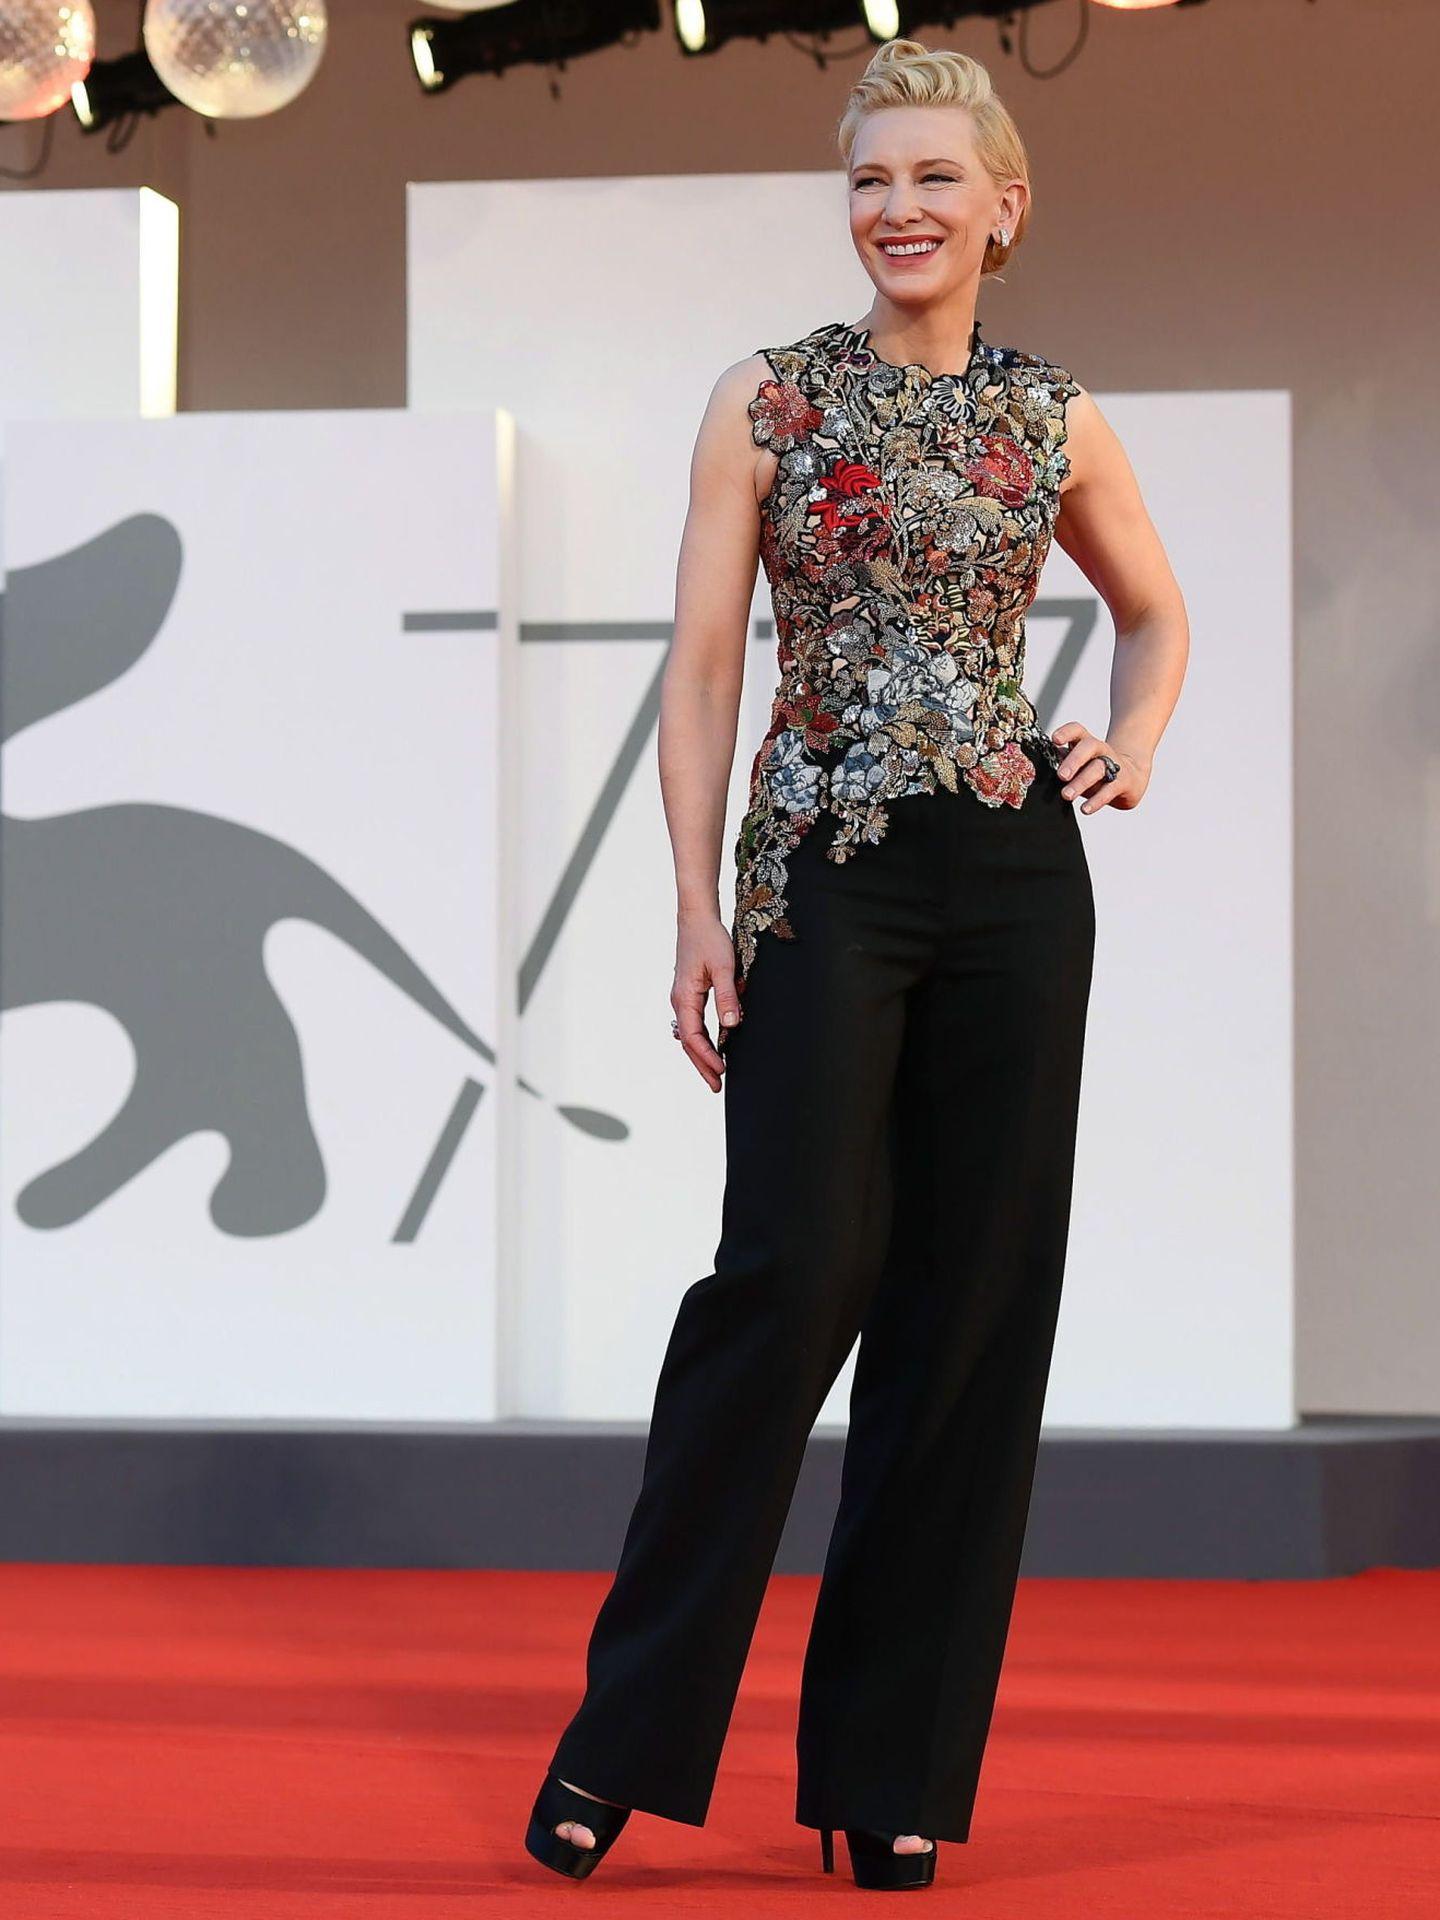 Cate Blanchett, en la presentación de 'Amants (Lovers)' con cuerpo de bordado y pedrería de Alexander McQueen, combinado con pantalón negro. (EFE)